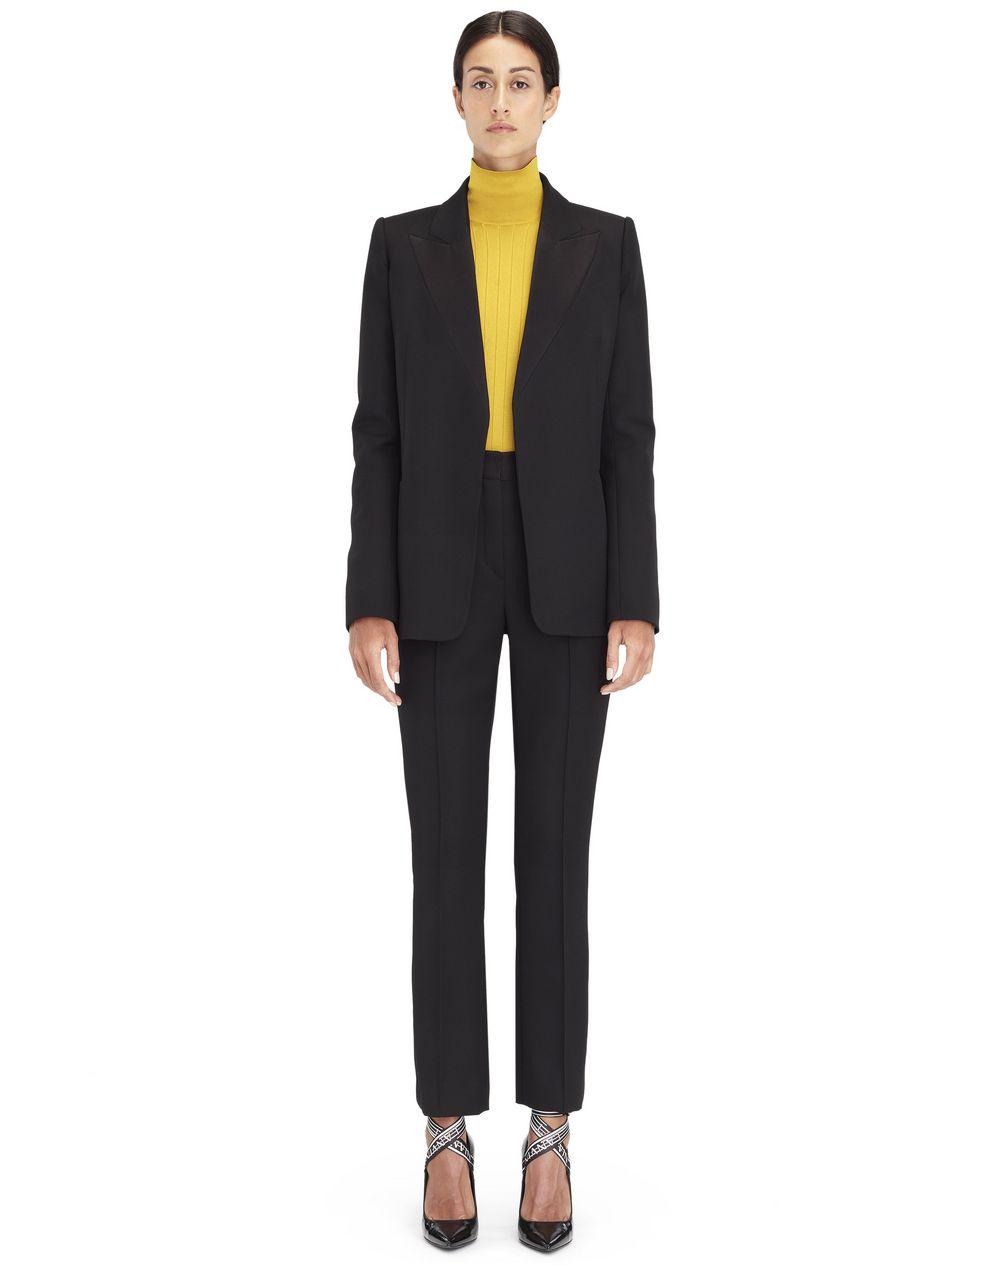 Veste tailleur en satin couleur bleu nuit Lanvin – Prix €1 690